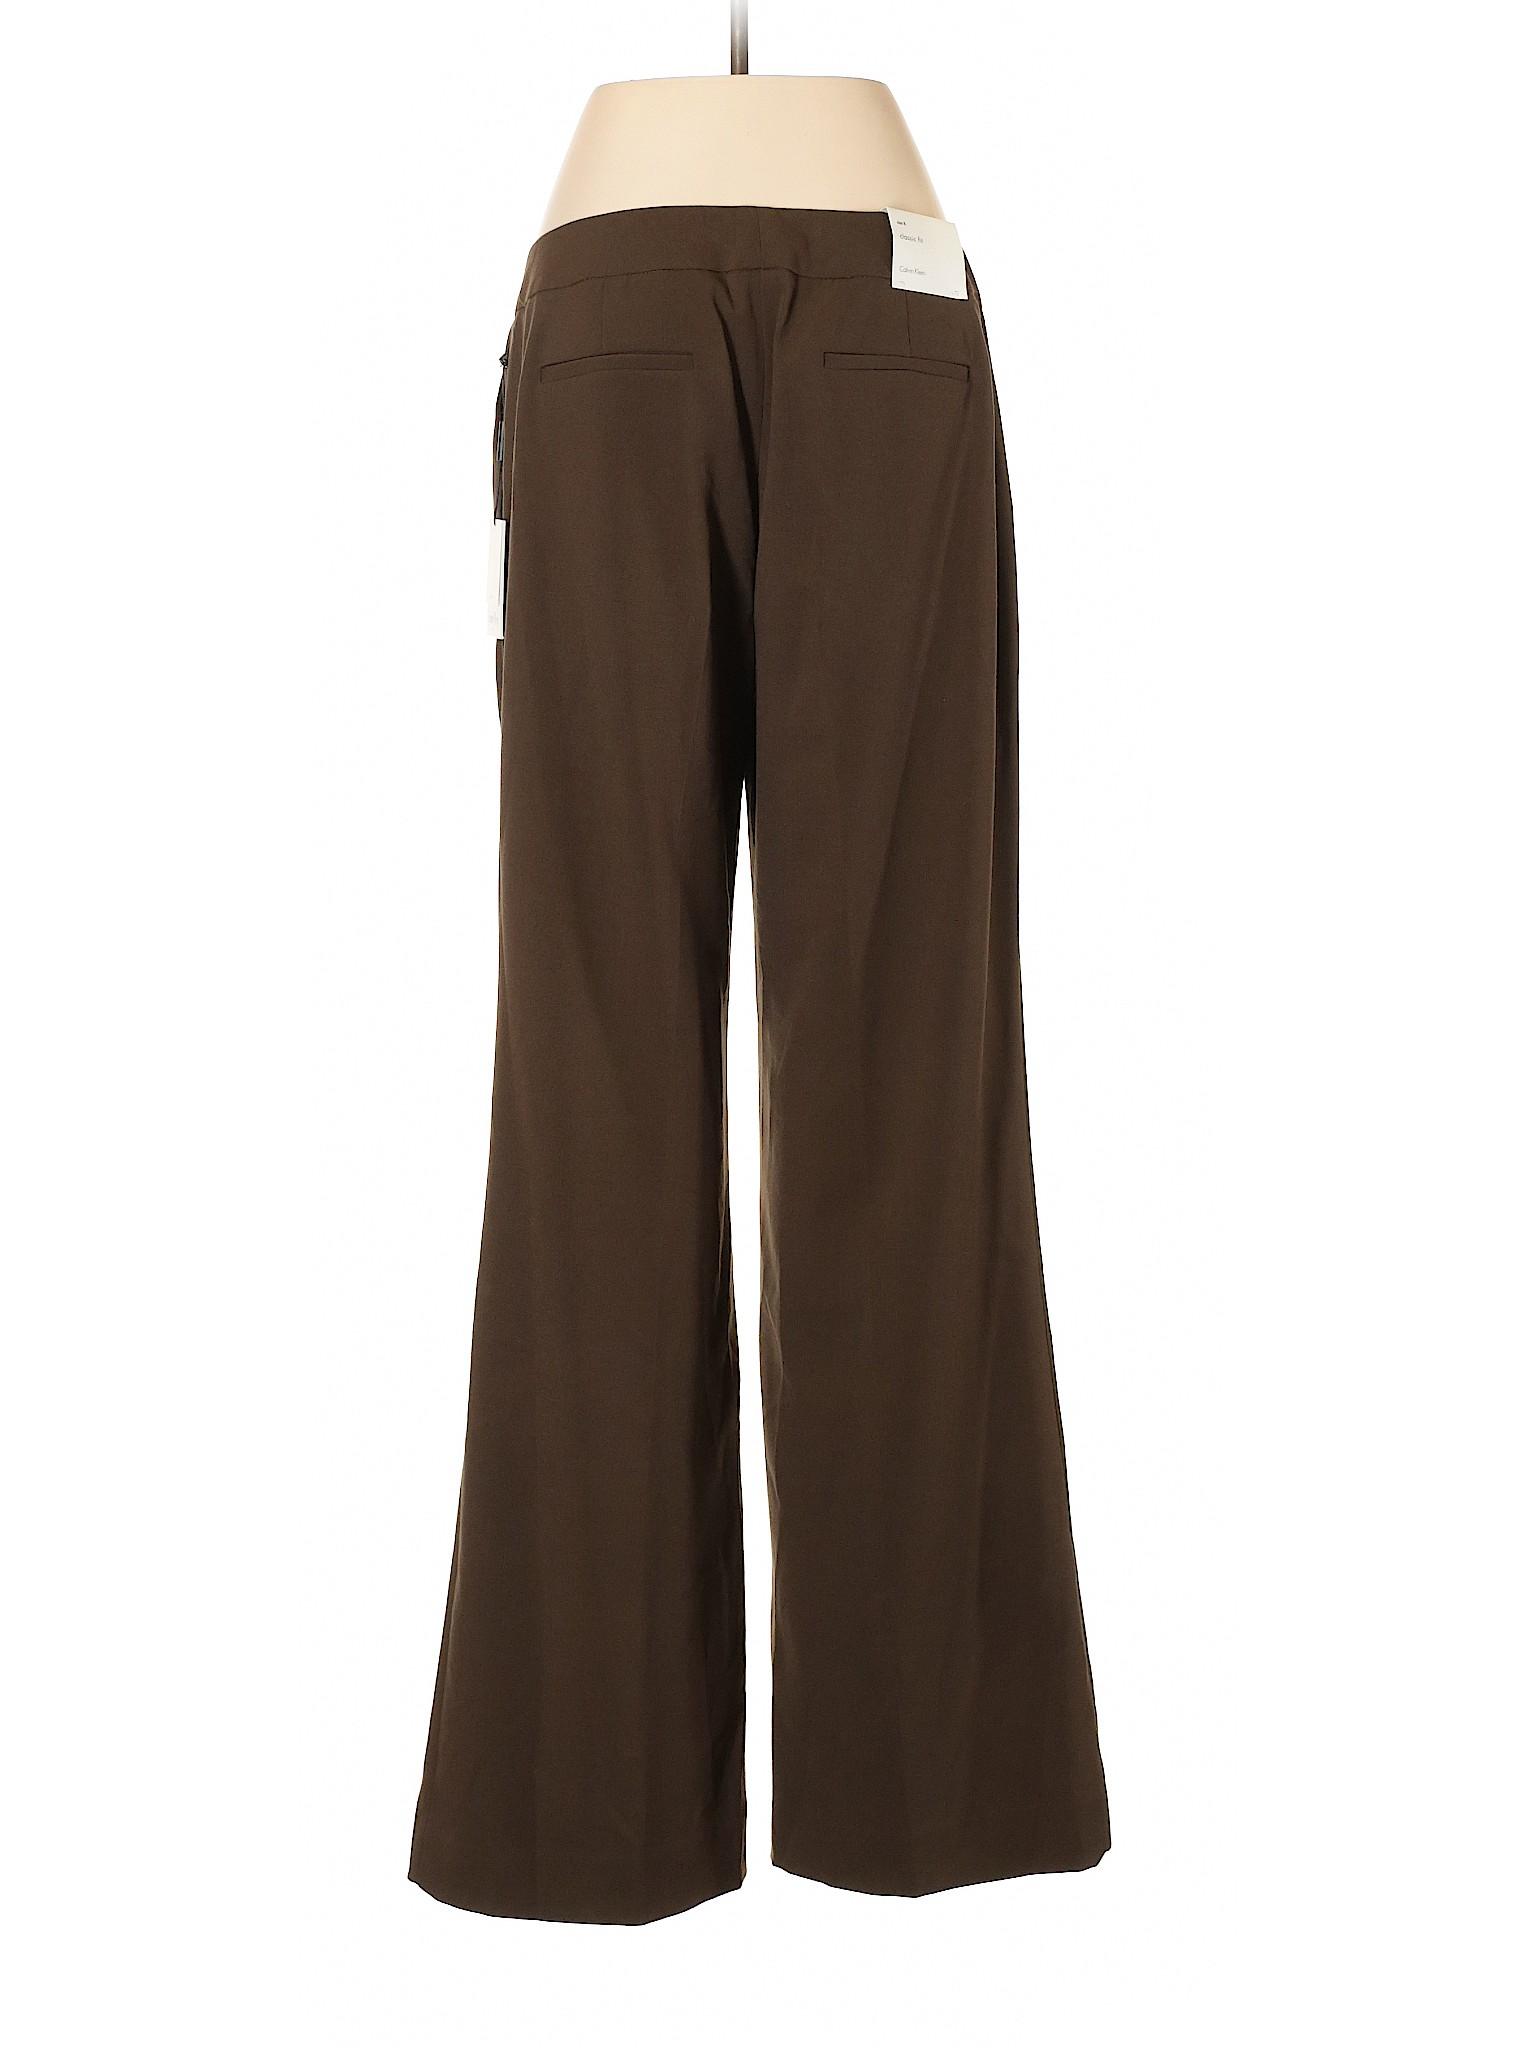 Klein Dress Boutique Pants Calvin winter pqZfwxvH